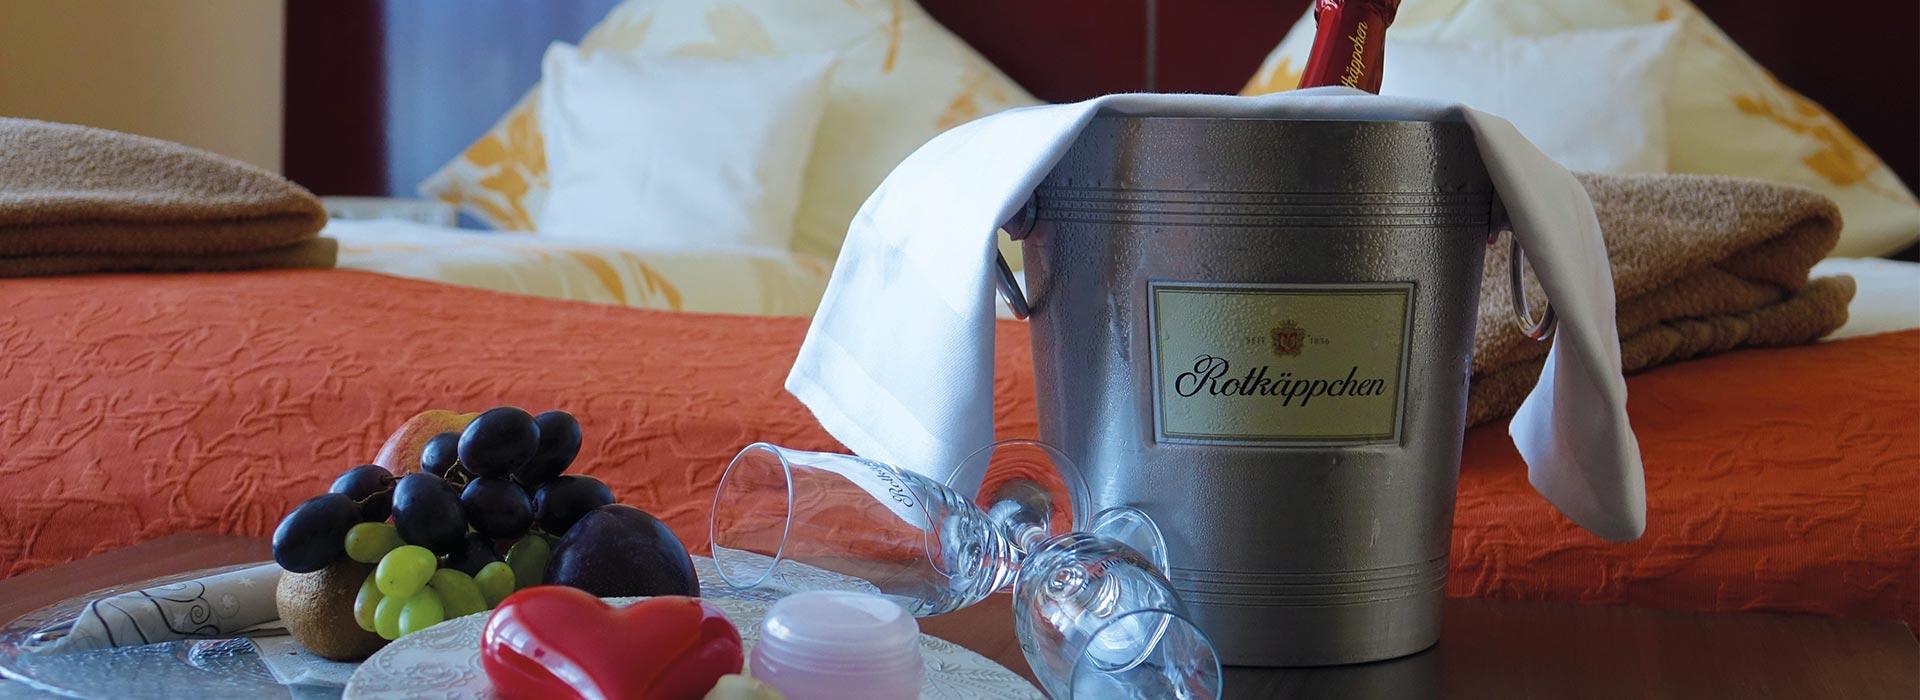 Kuschelpaket mit Obst und Sekt für den Paarurlaub im Schlossberghotel Oberhof